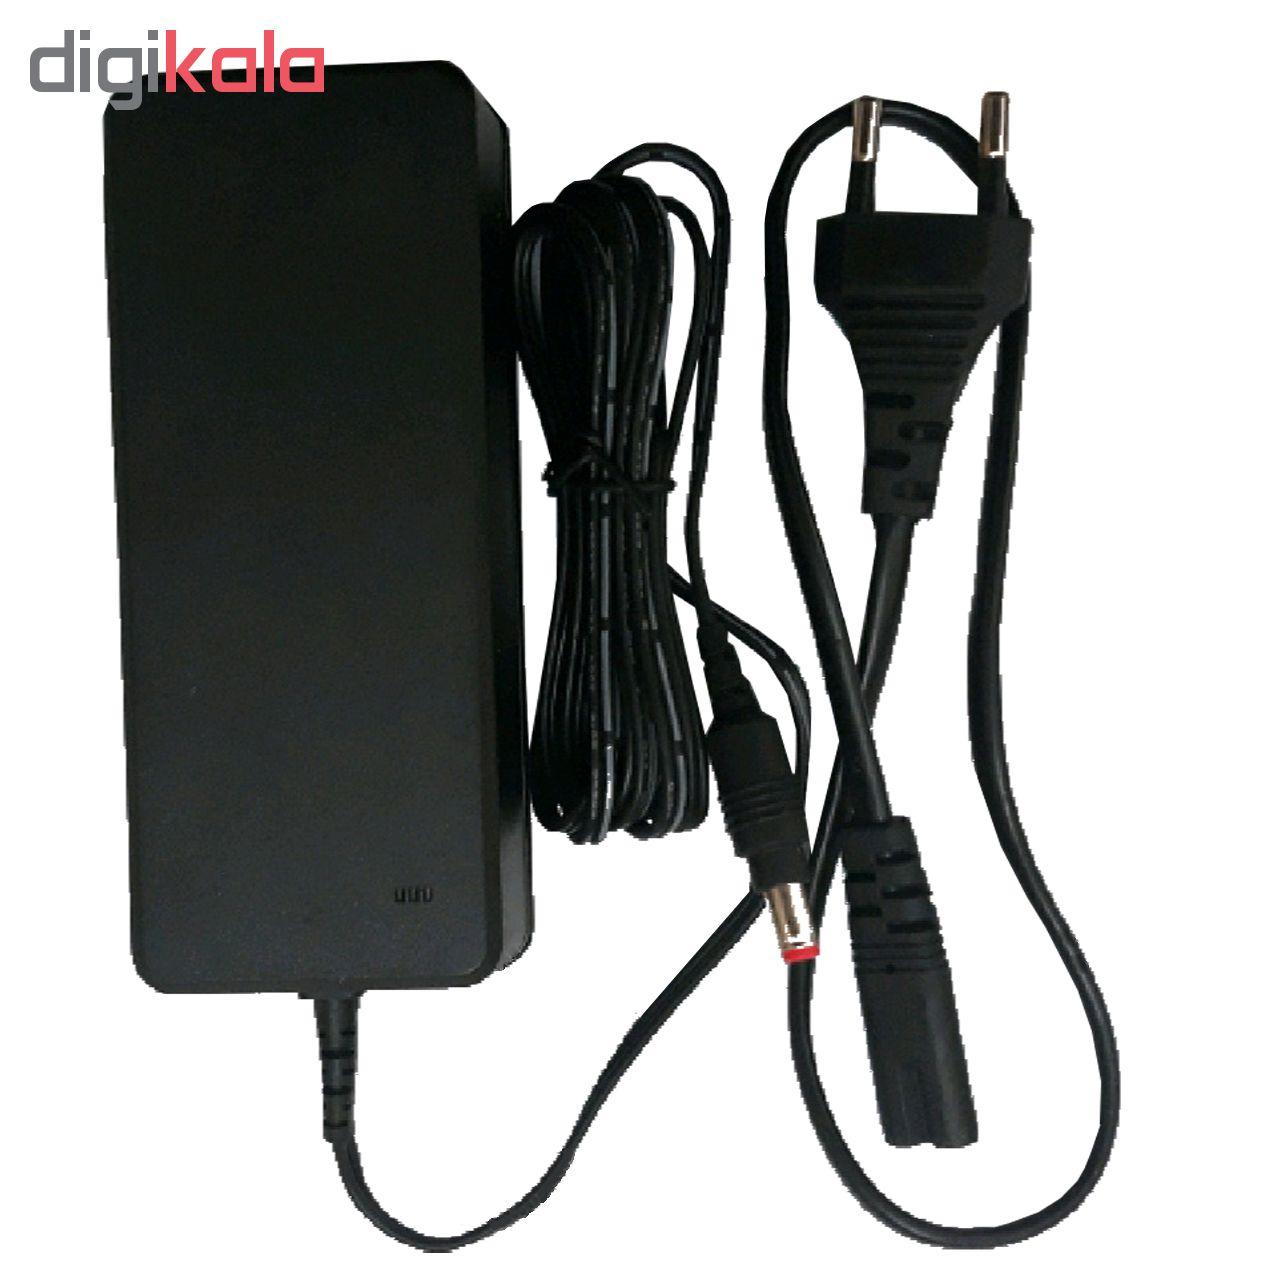 خرید اینترنتی آداپتور 12 ولت 5 آمپر مدل IC14 اورجینال